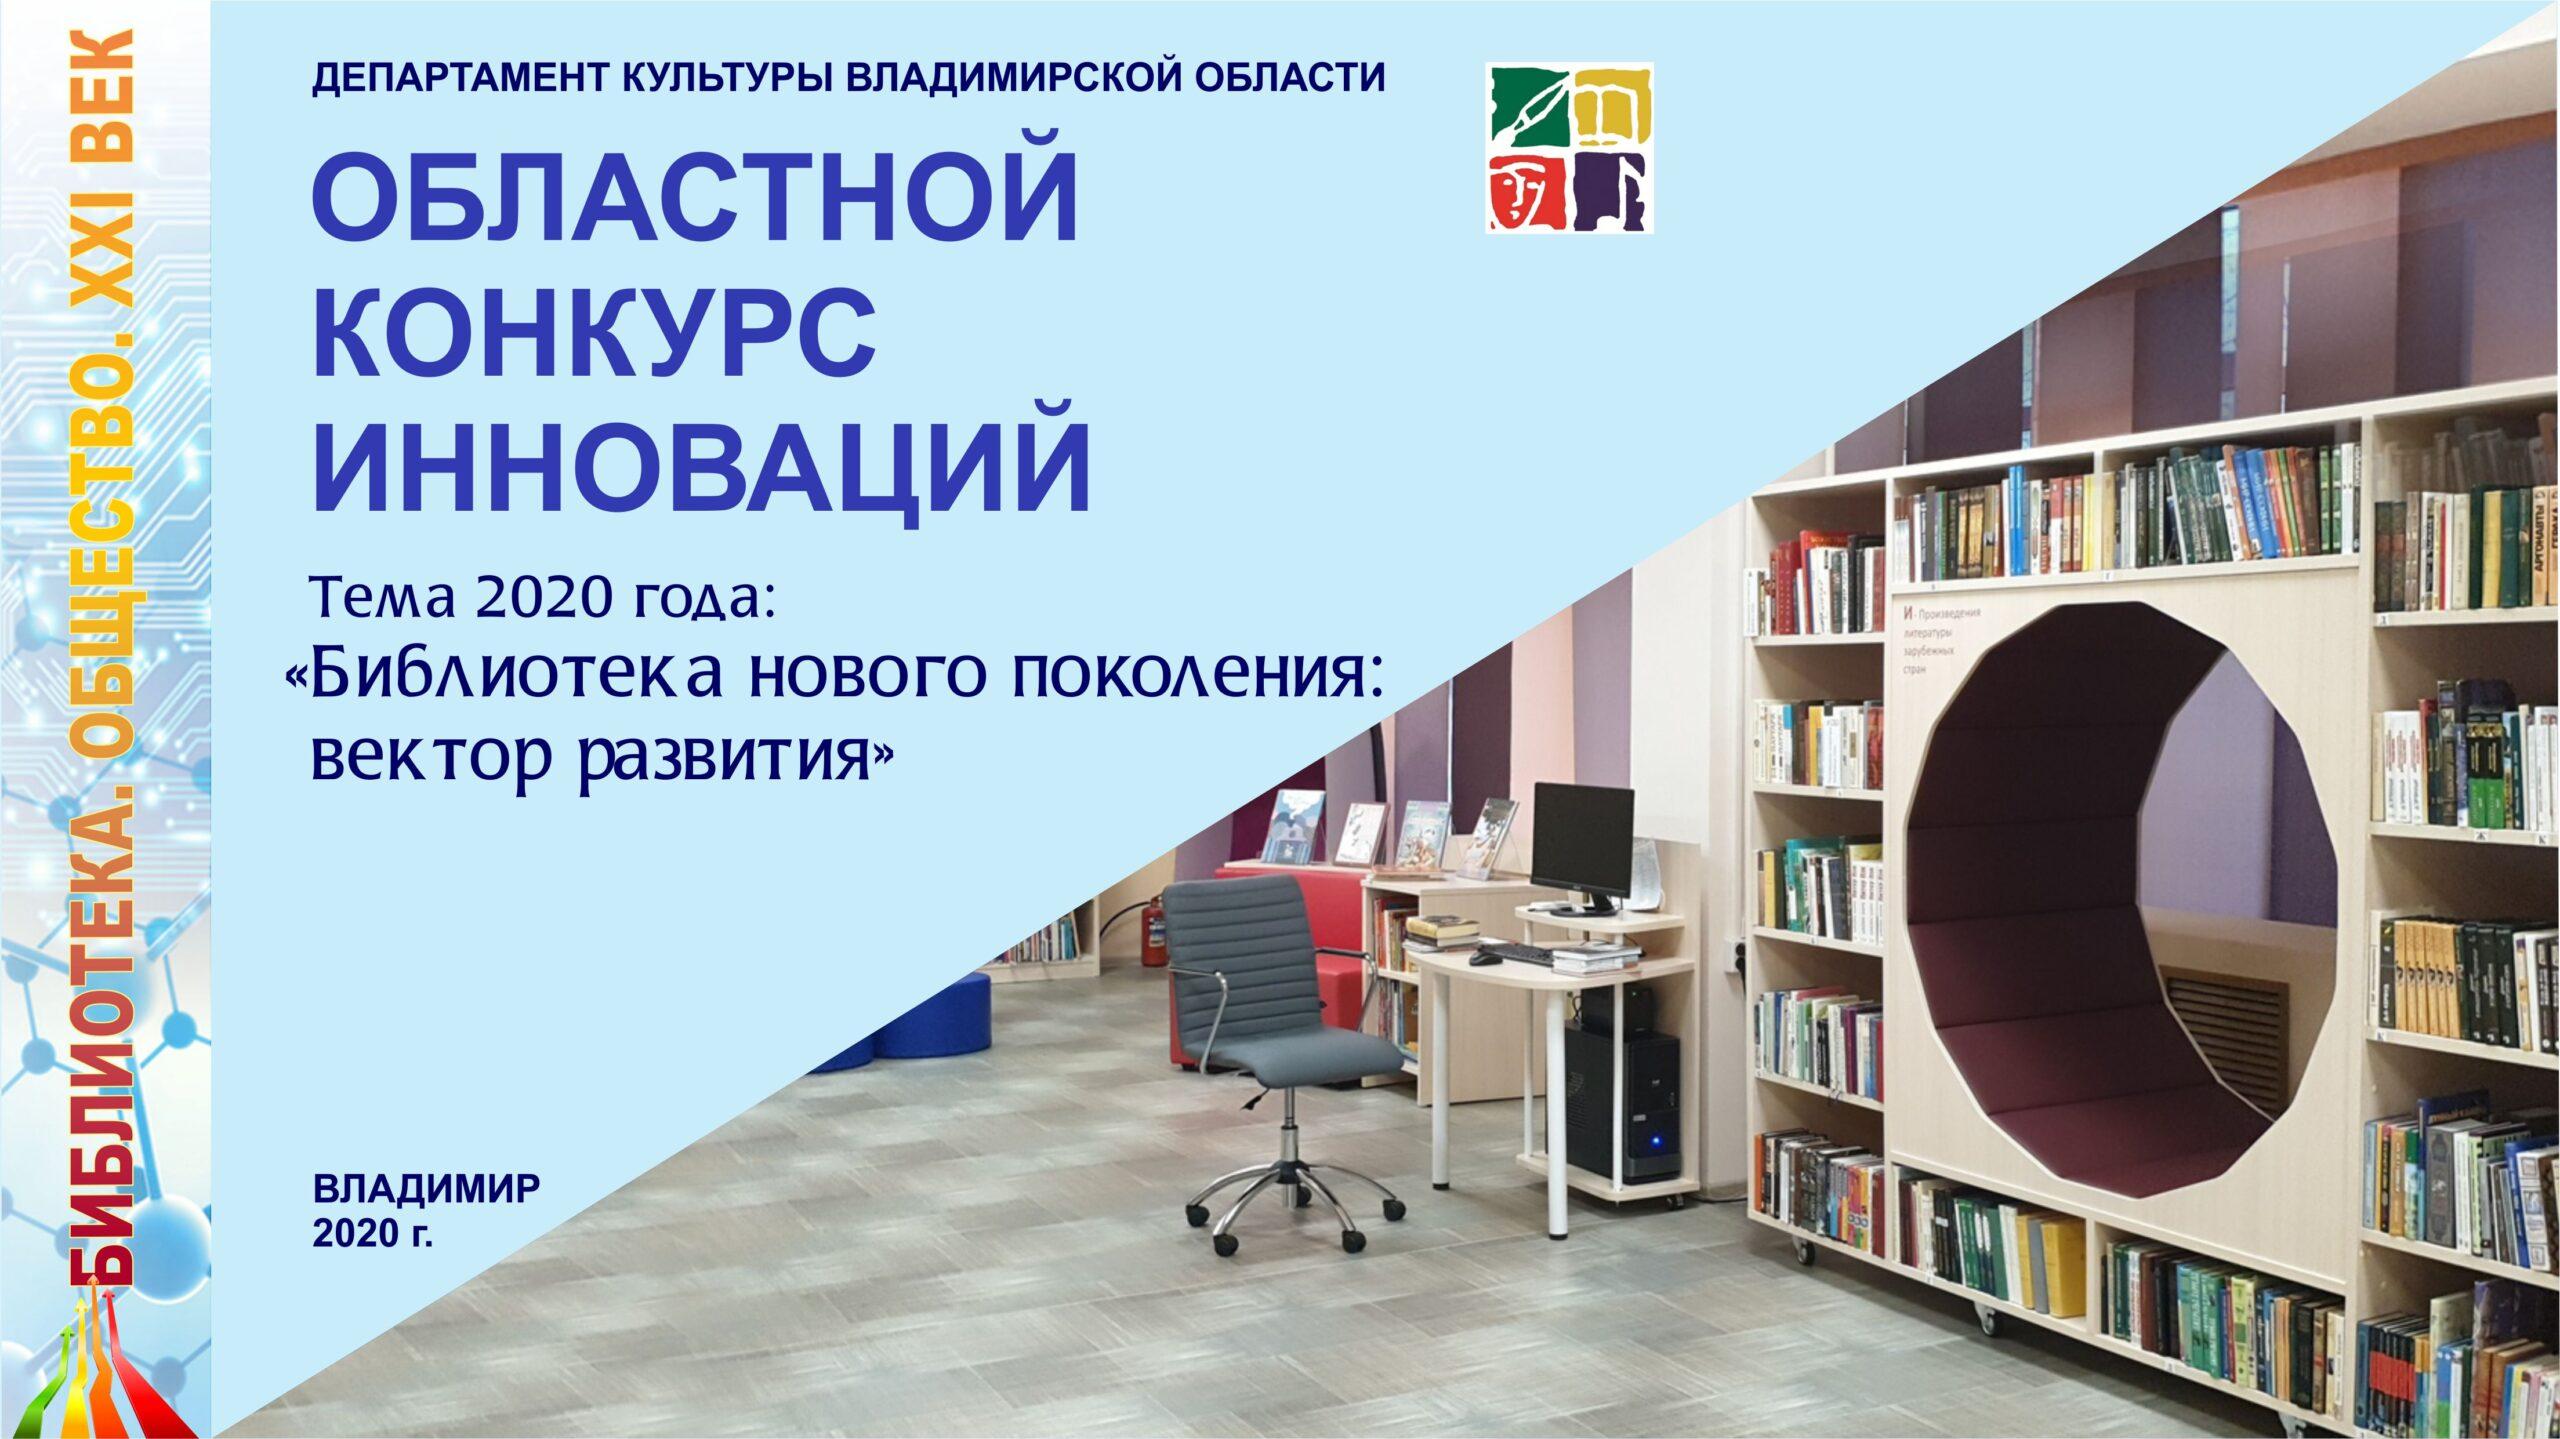 Подведение итогов Областного конкурса инноваций «Библиотека. Общество. XXI век»